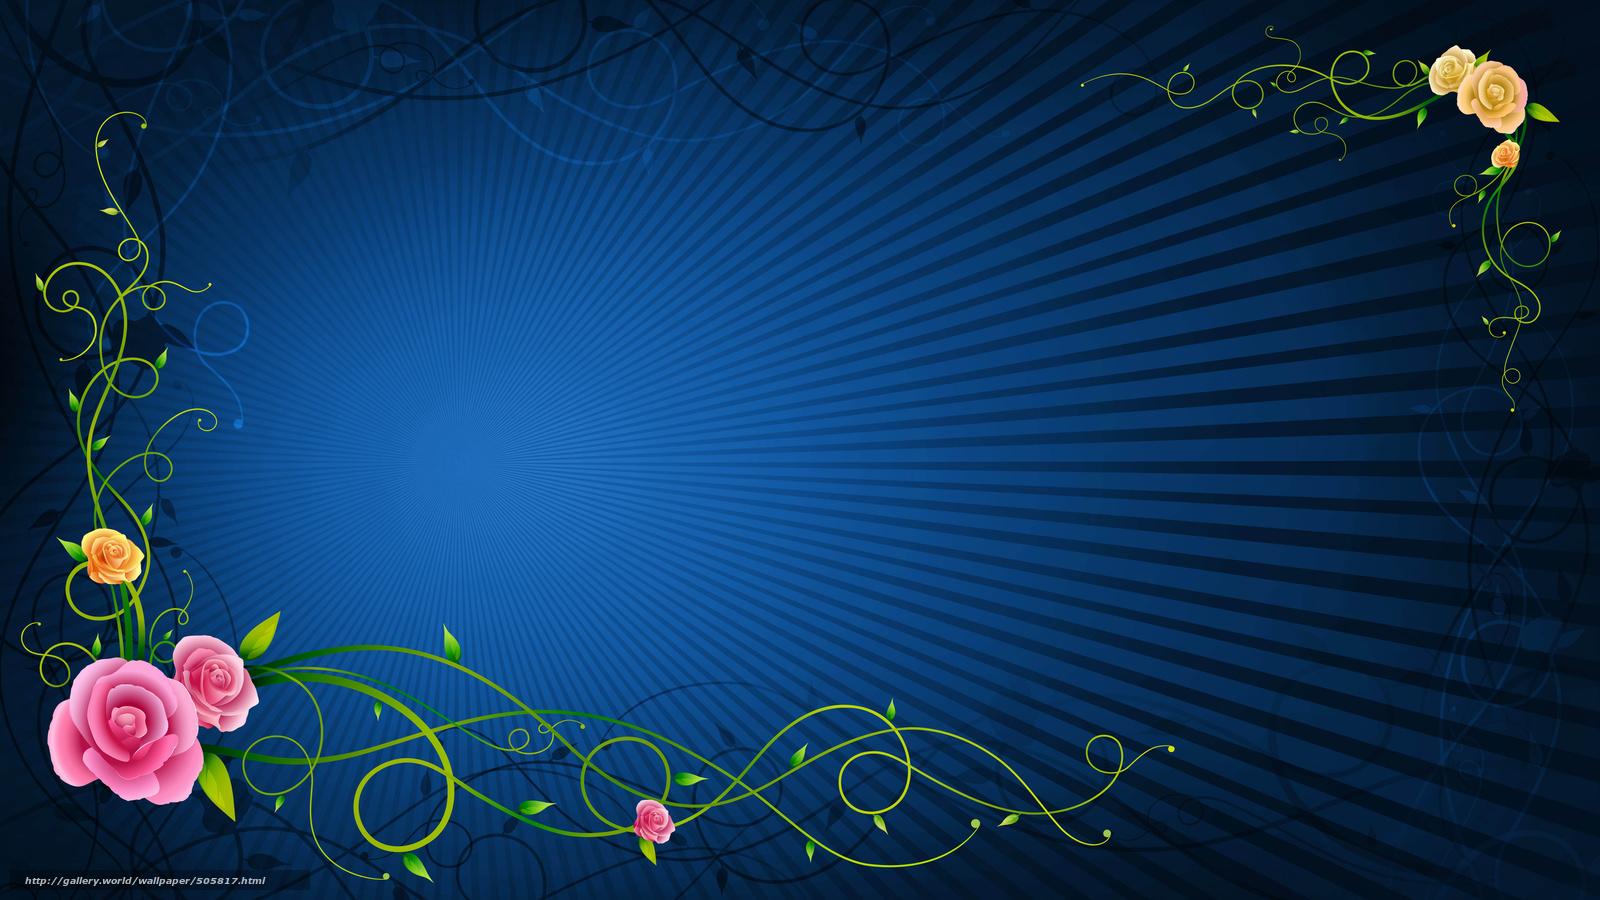 Download Wallpaper 3d, Background, Rose Free Desktop